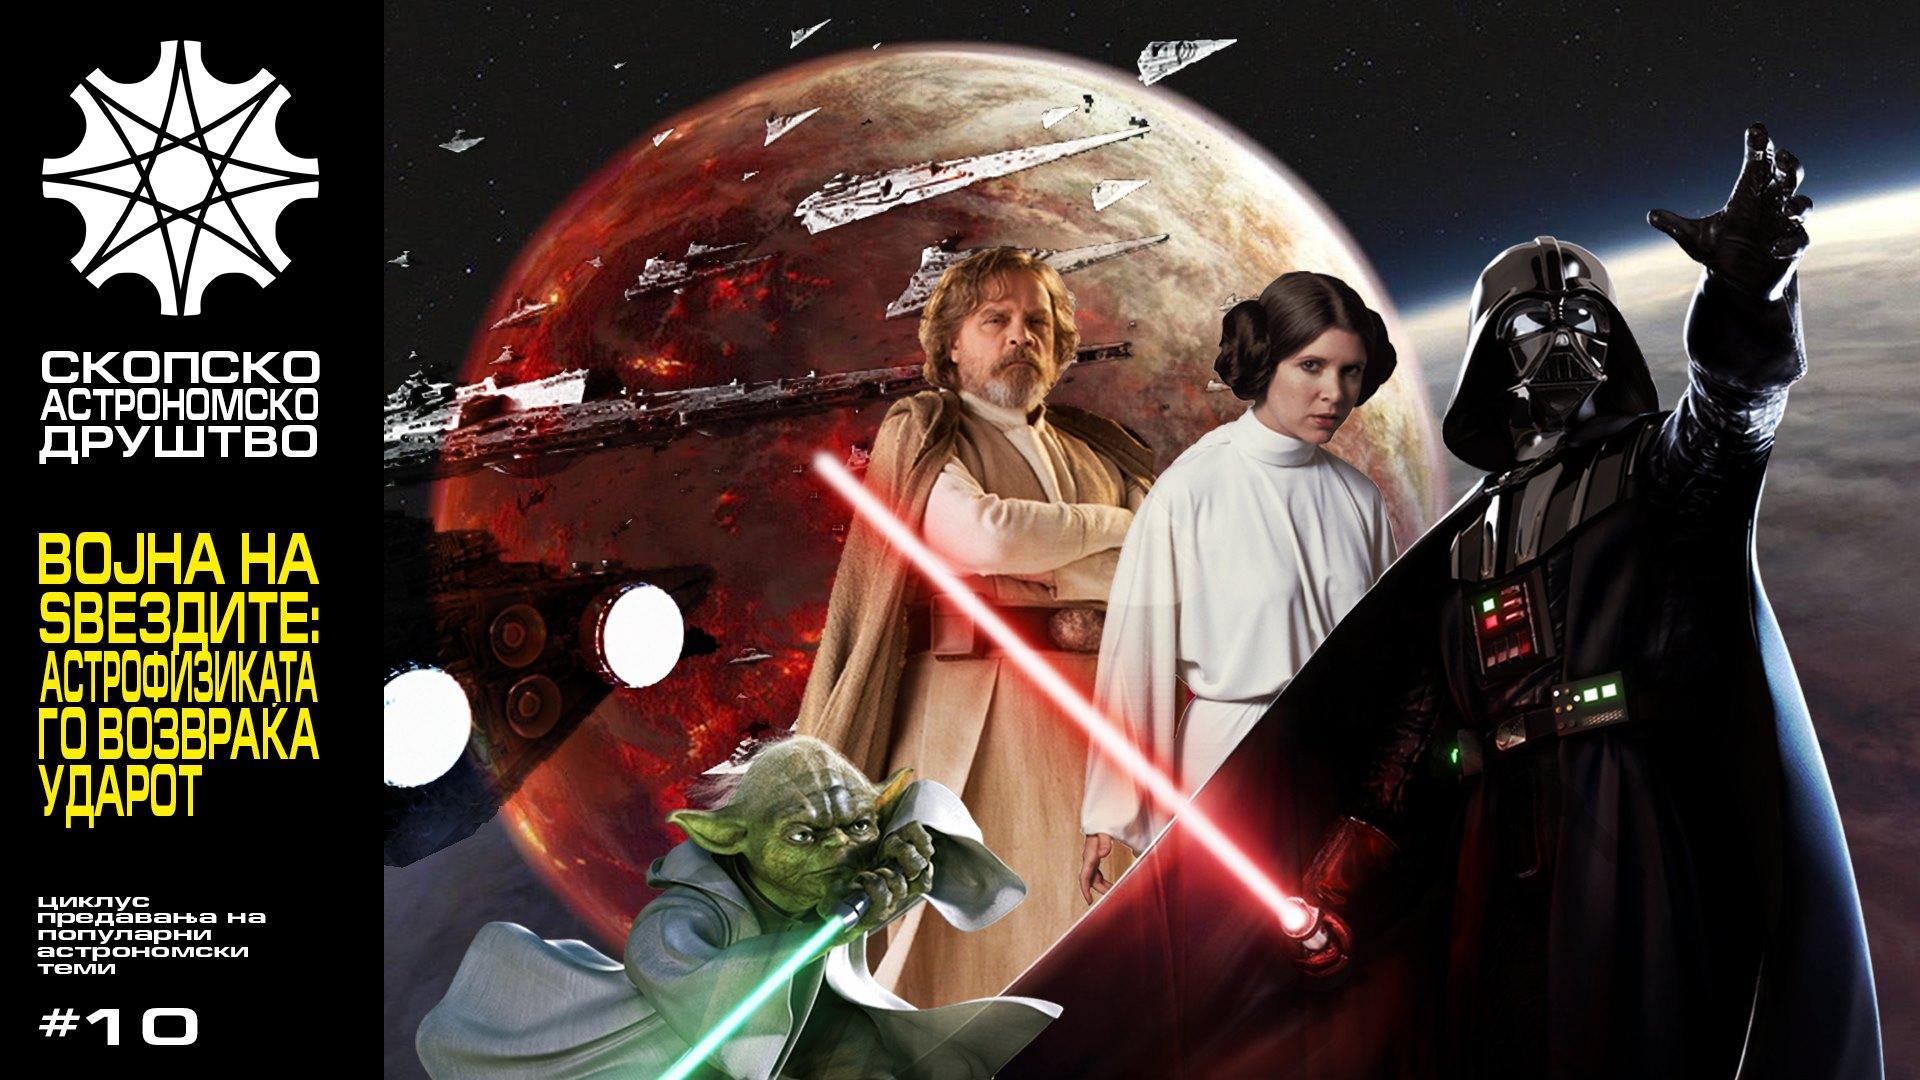 Предавање: Војна на ѕвездите – Астрофизиката го возвраќа ударот